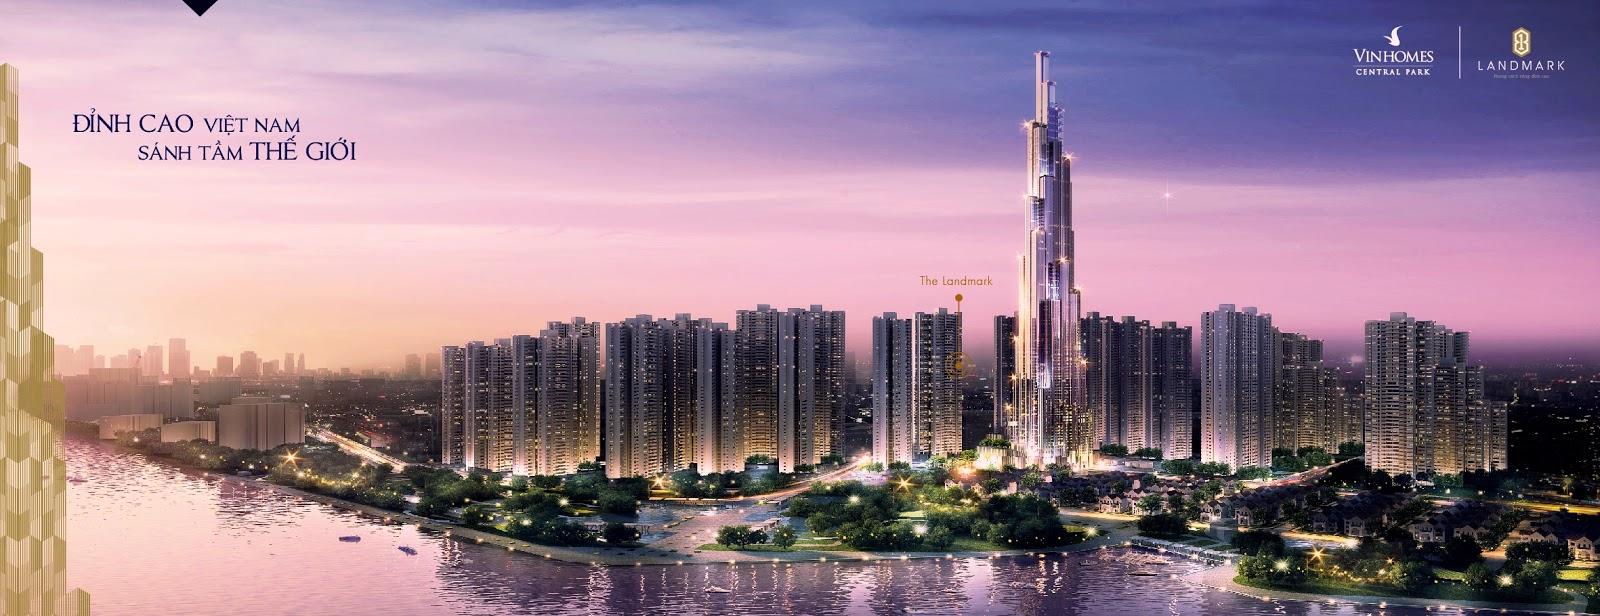 Khu đô thị hiện đại và sang trong